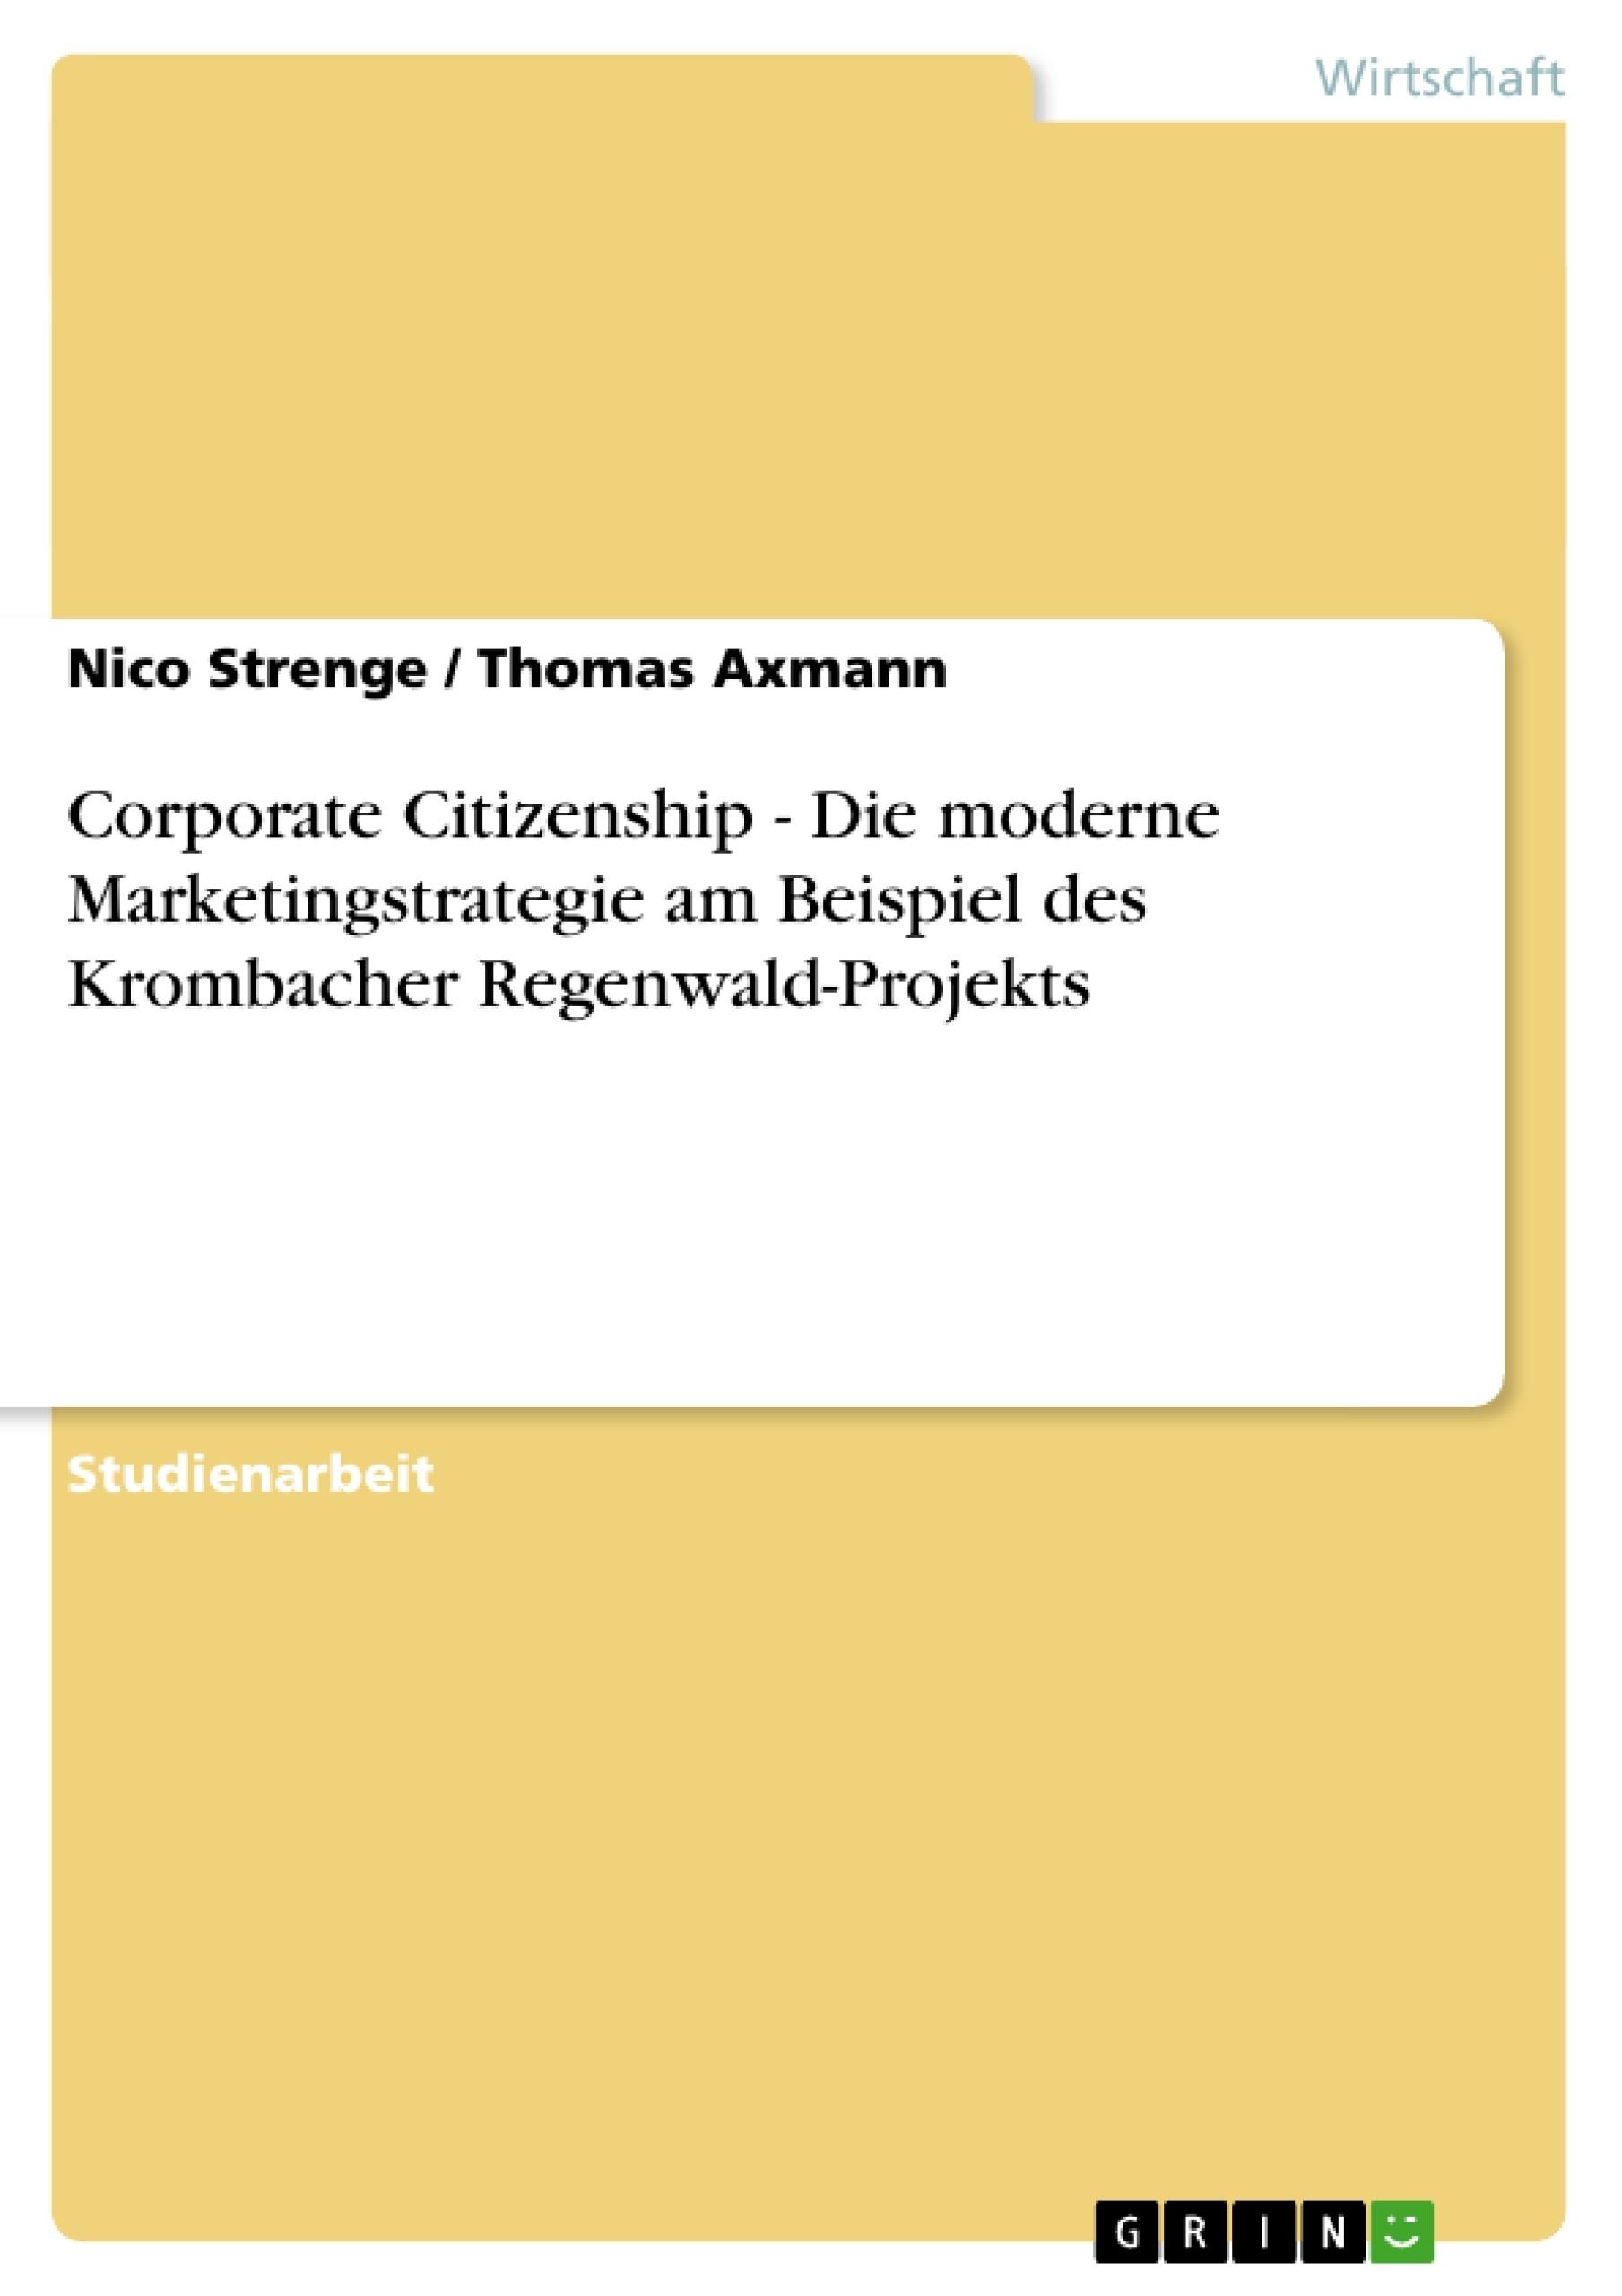 Titel: Corporate Citizenship - Die moderne Marketingstrategie am Beispiel des Krombacher Regenwald-Projekts